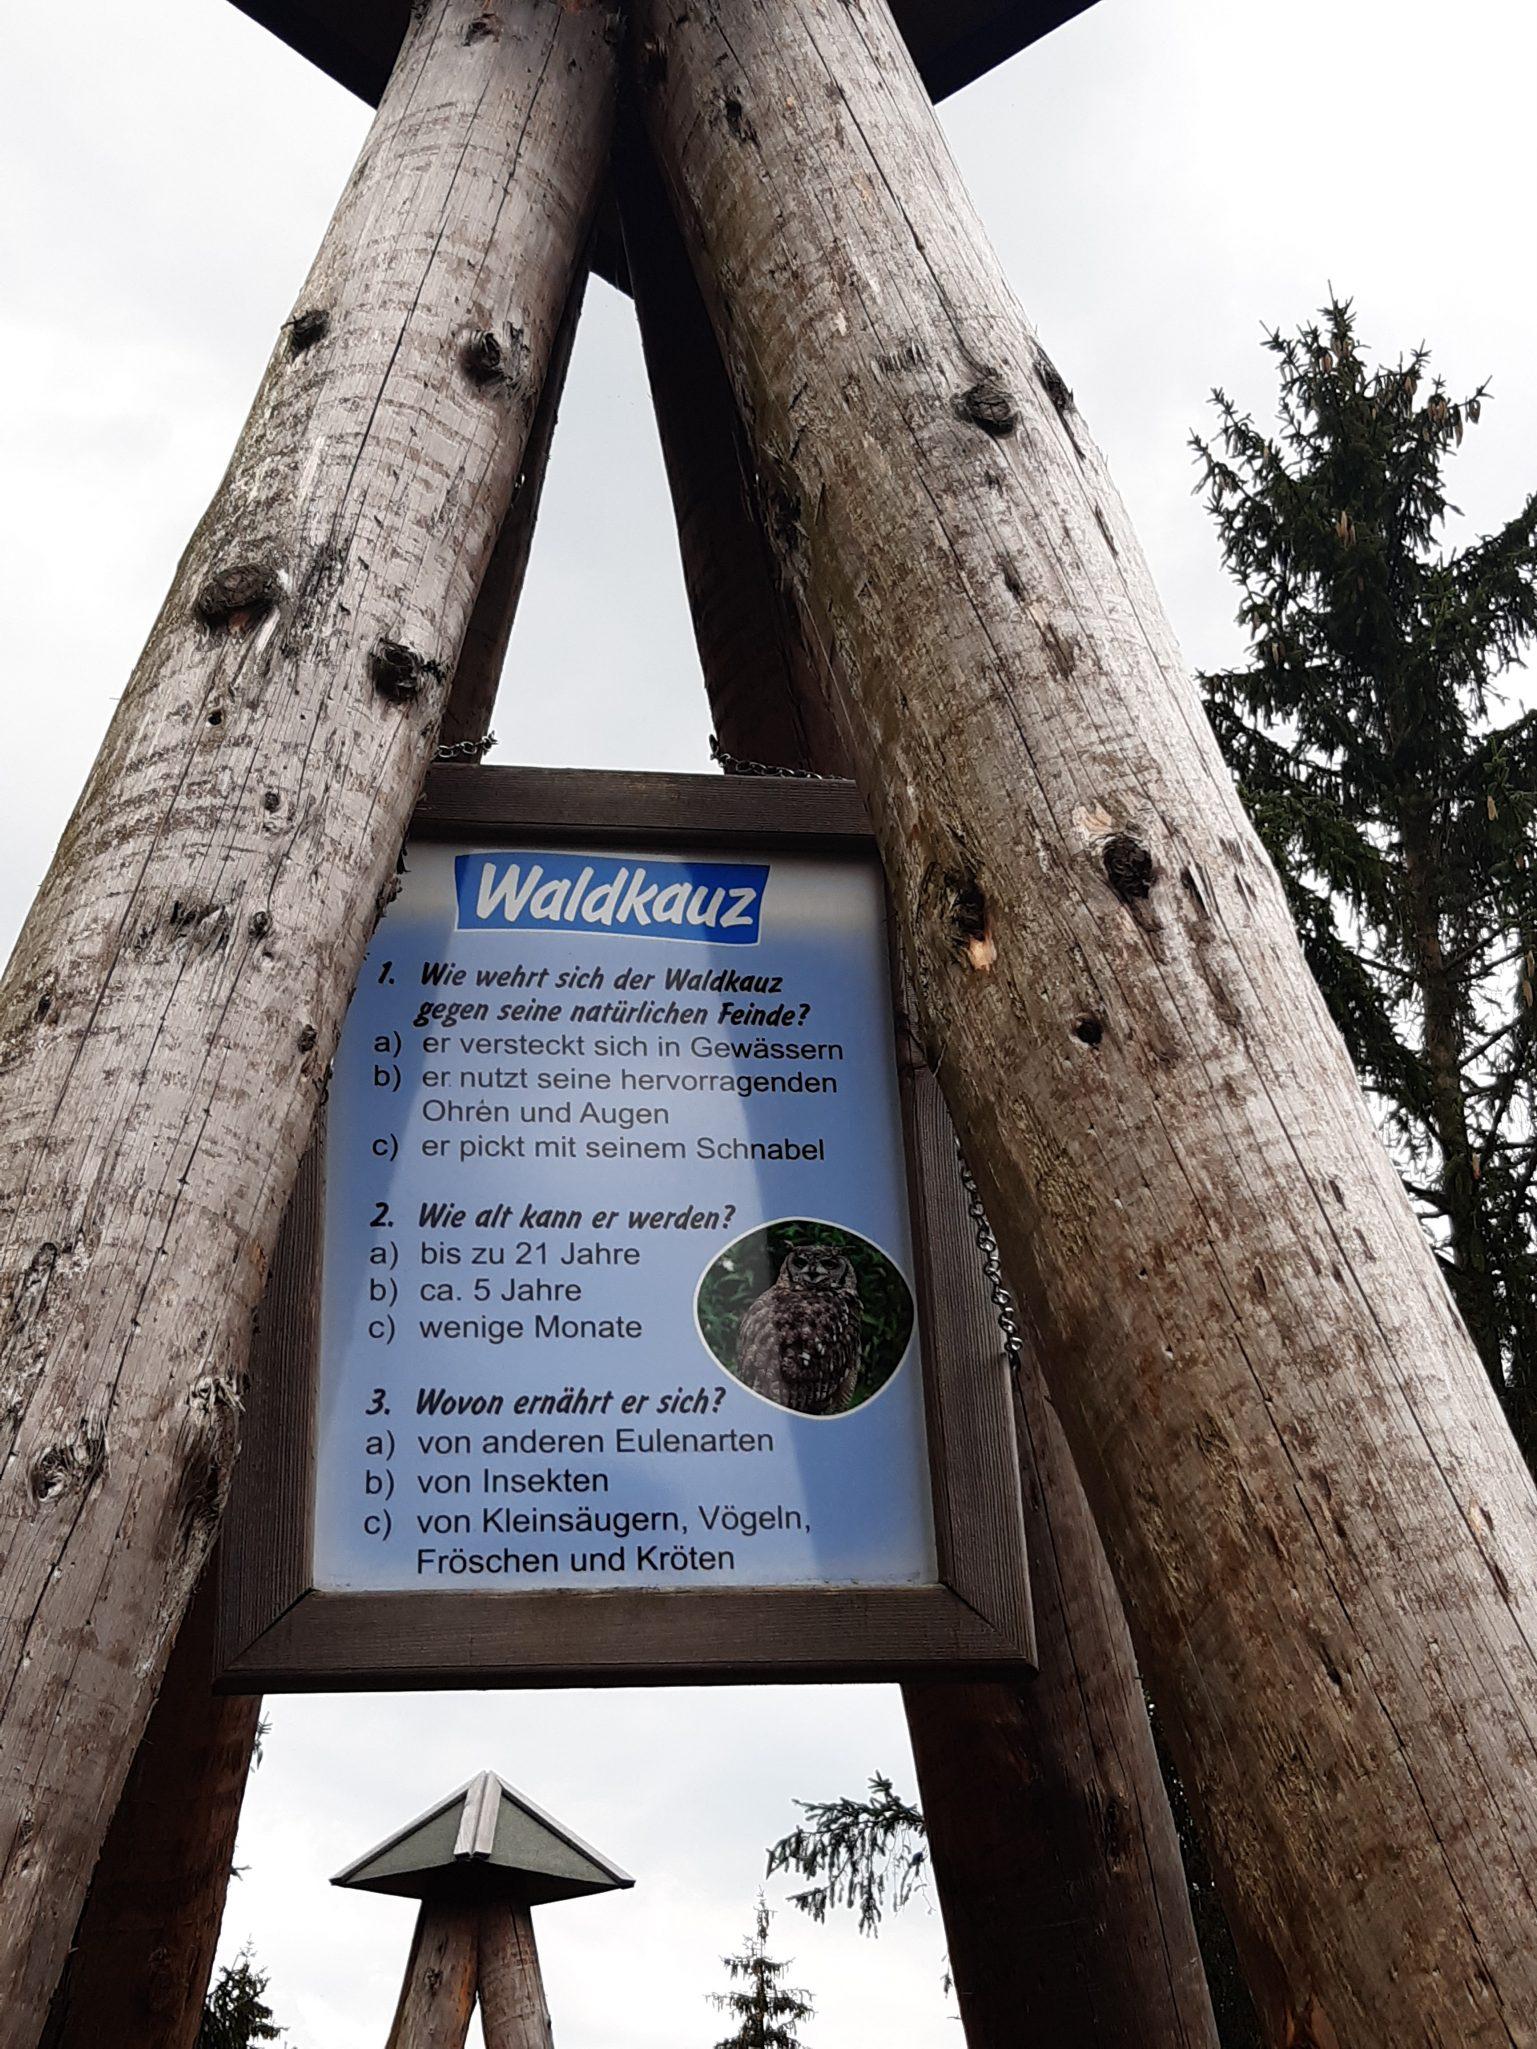 wo lebt der Waldkreuz